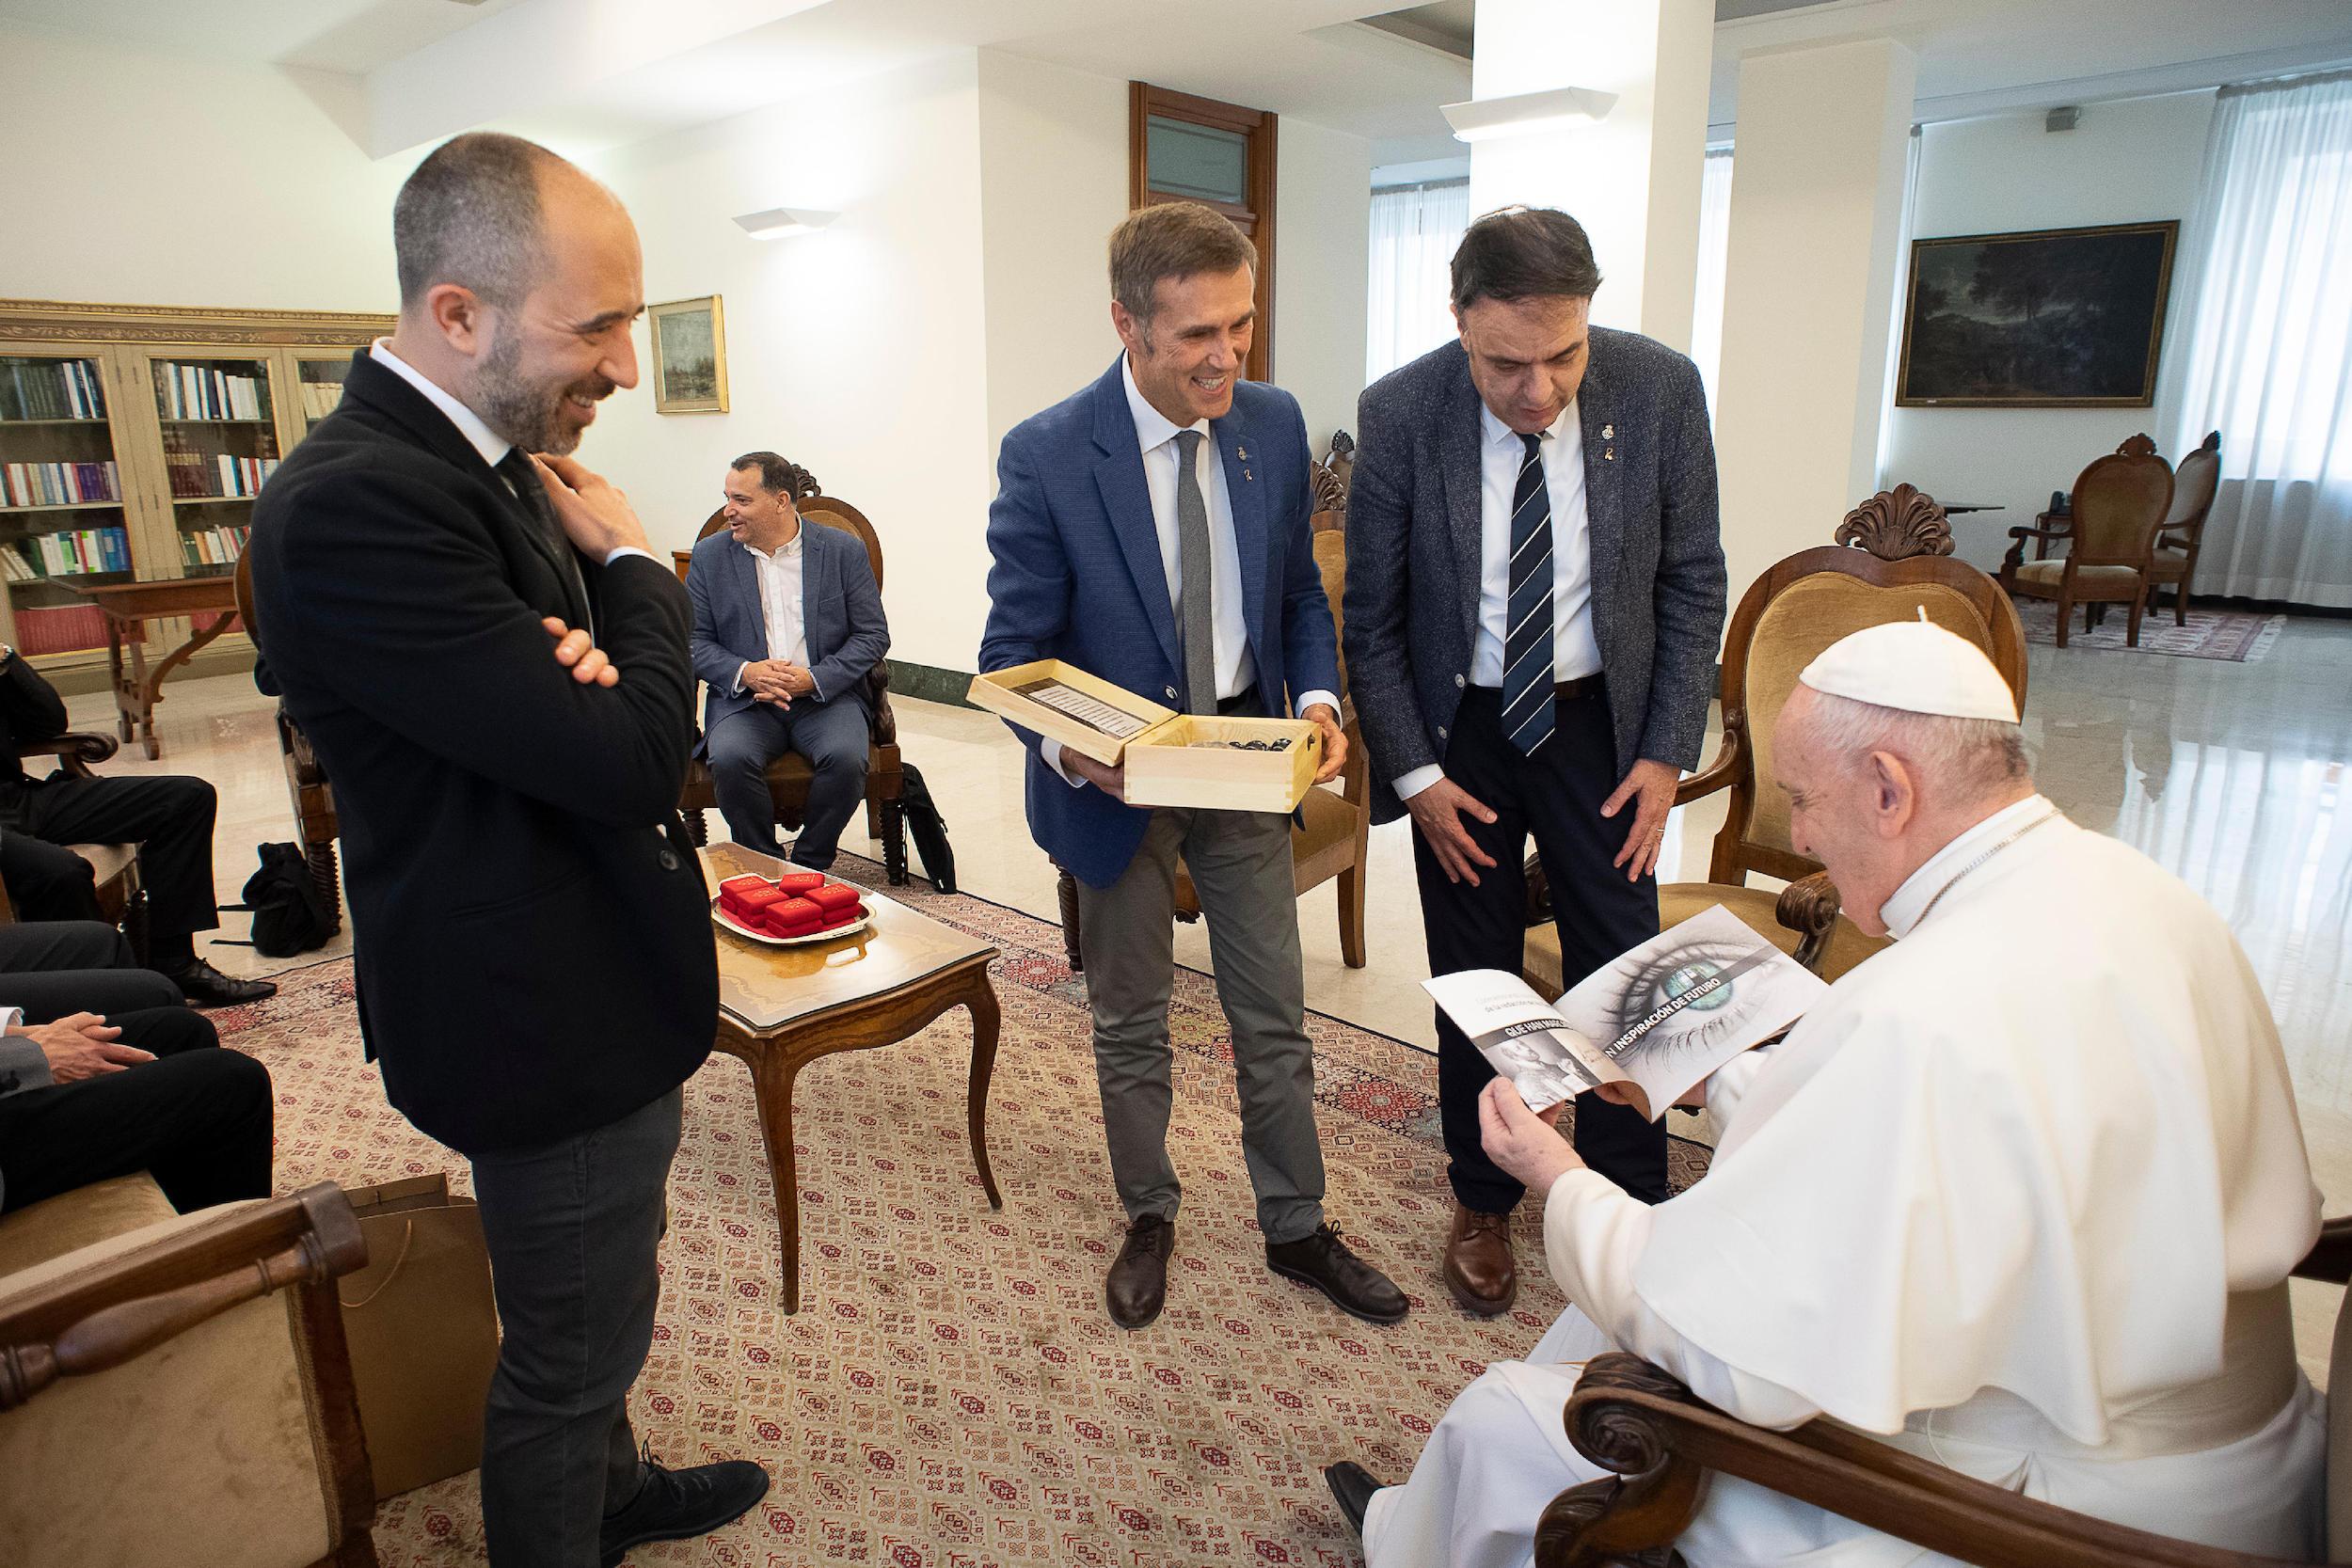 Manresa 2022 rep una embranzida notable amb el gran ressò obtingut en la visita de la delegació de Manresa al Papa Francesc i el seu suport al projecte